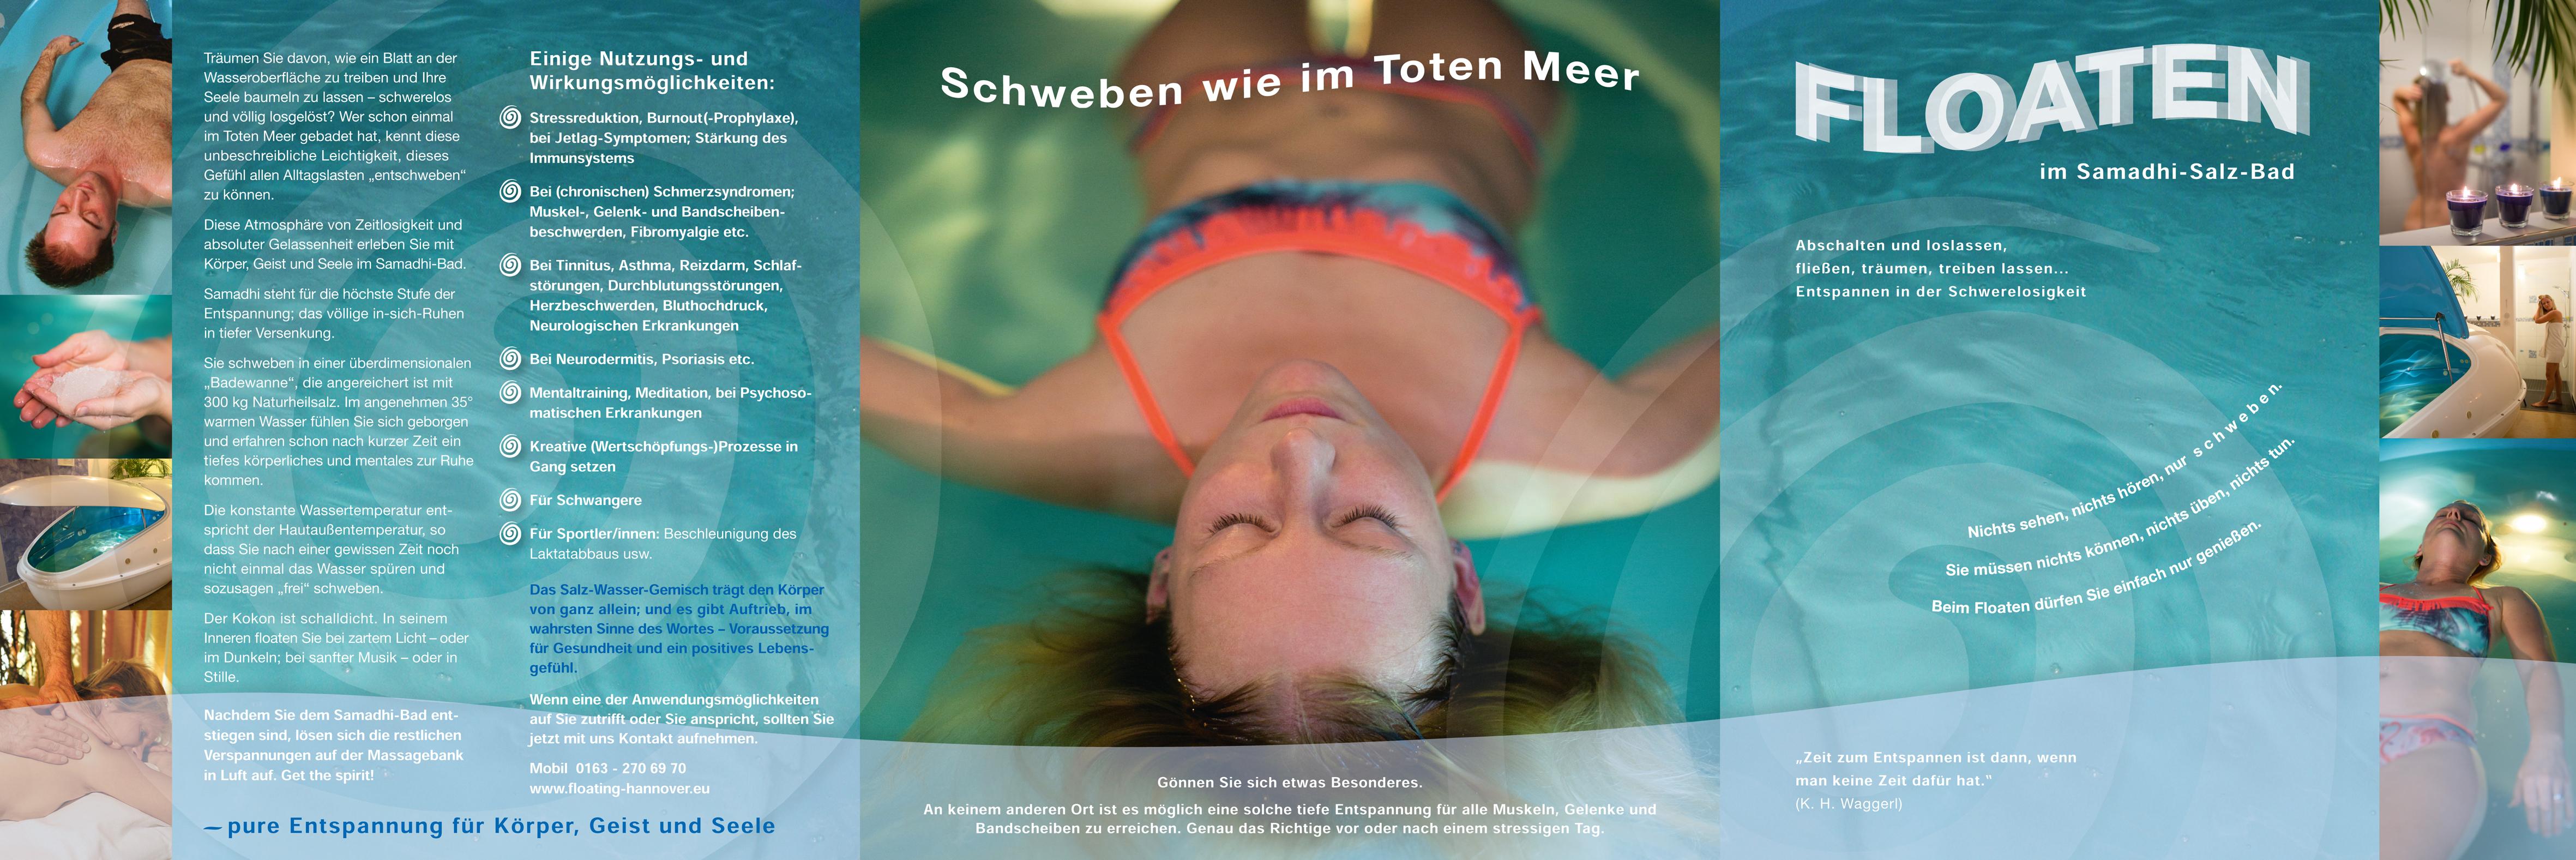 Floaten_Flyer_RS_grafikdesigner-hannover